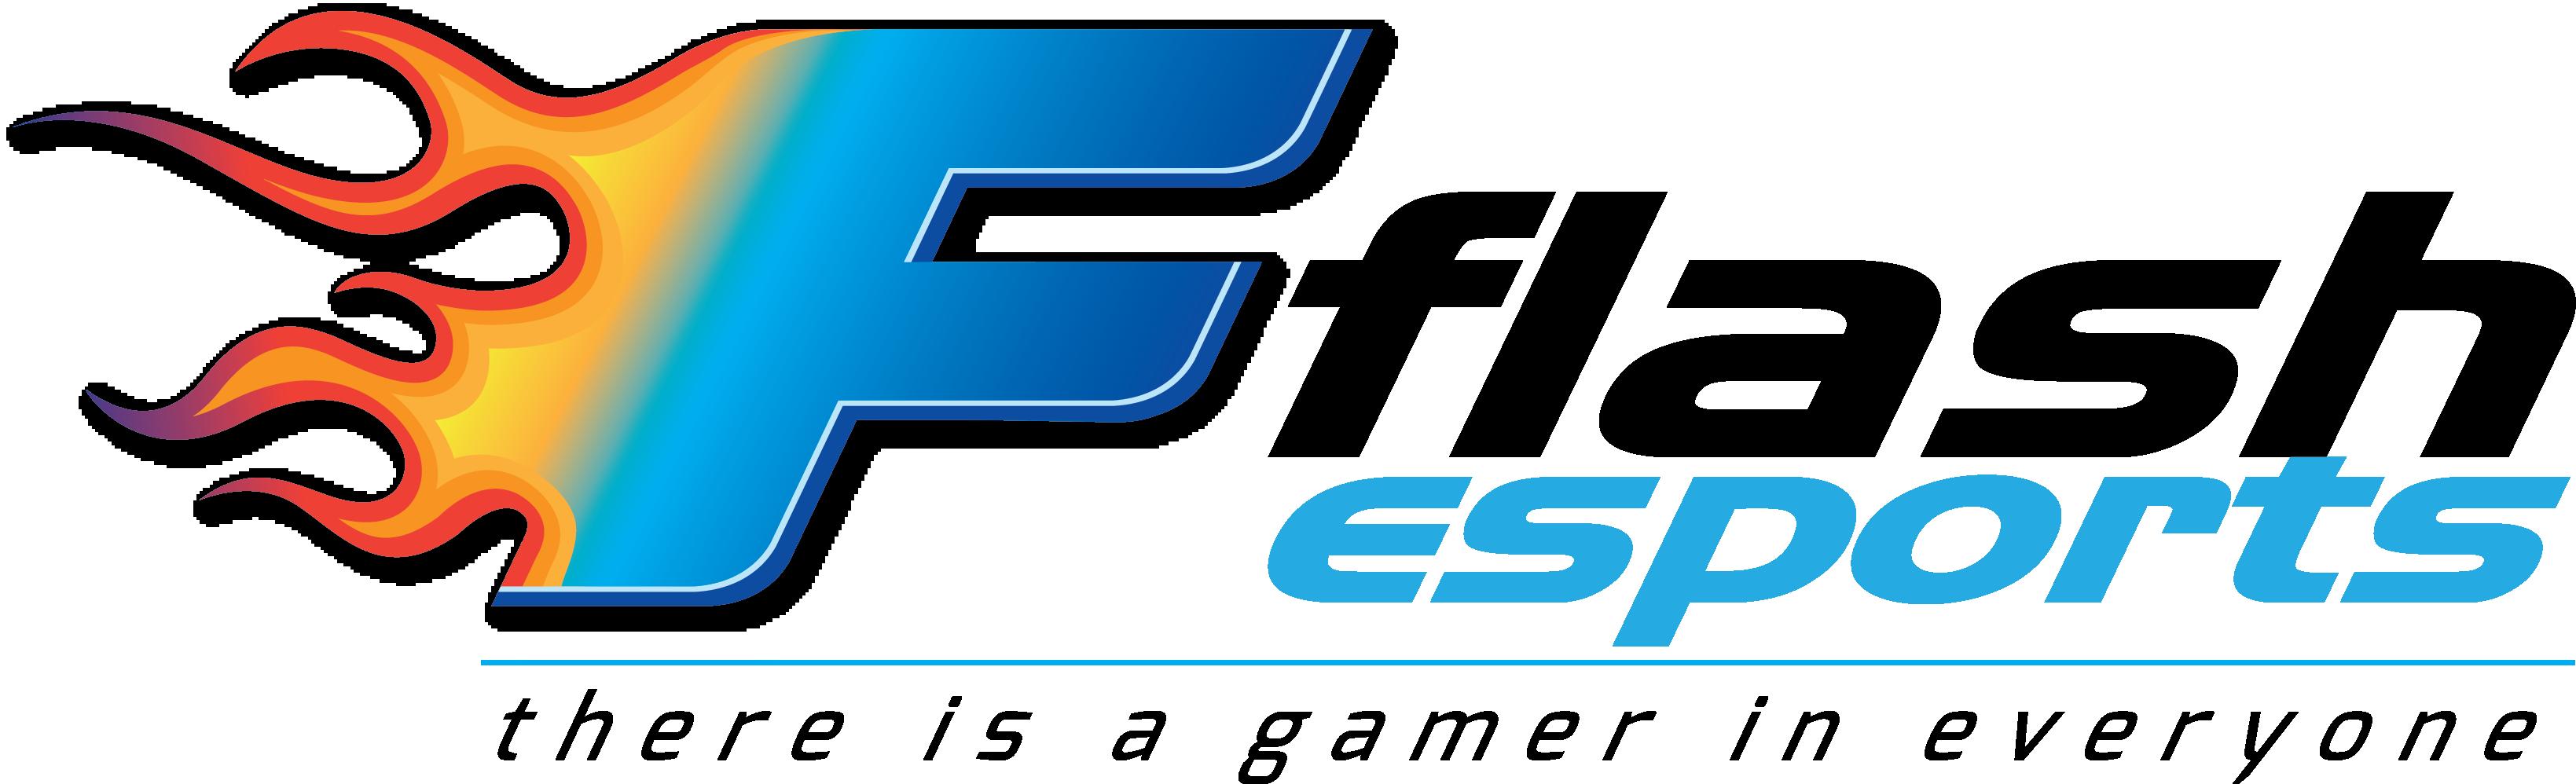 Logo with tagline_2